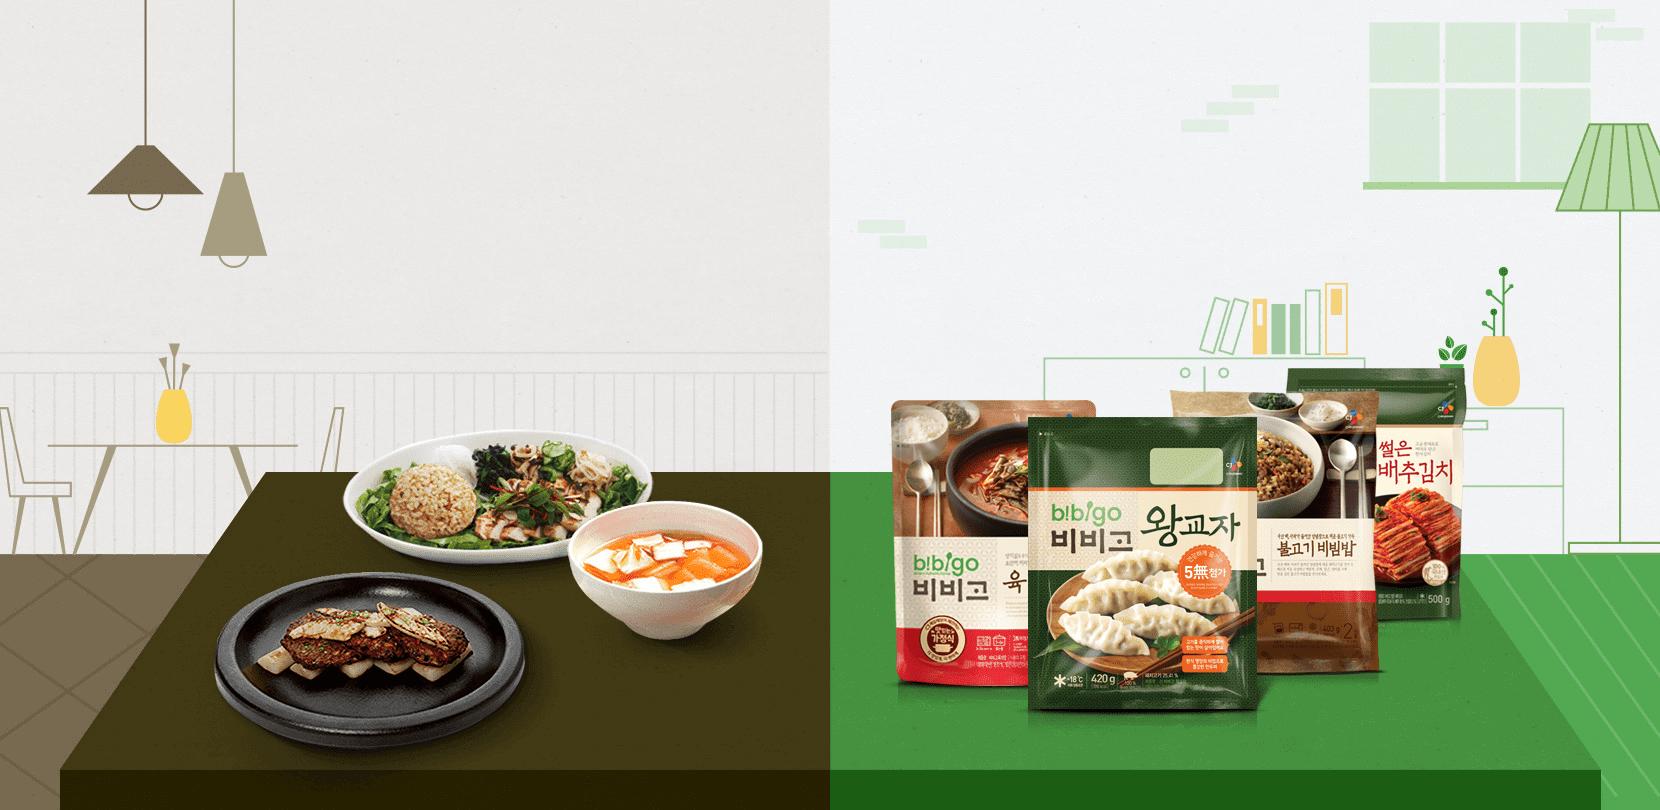 10 Makanan Instan Korea Yang Enak Favorit Di Indonesia 2020